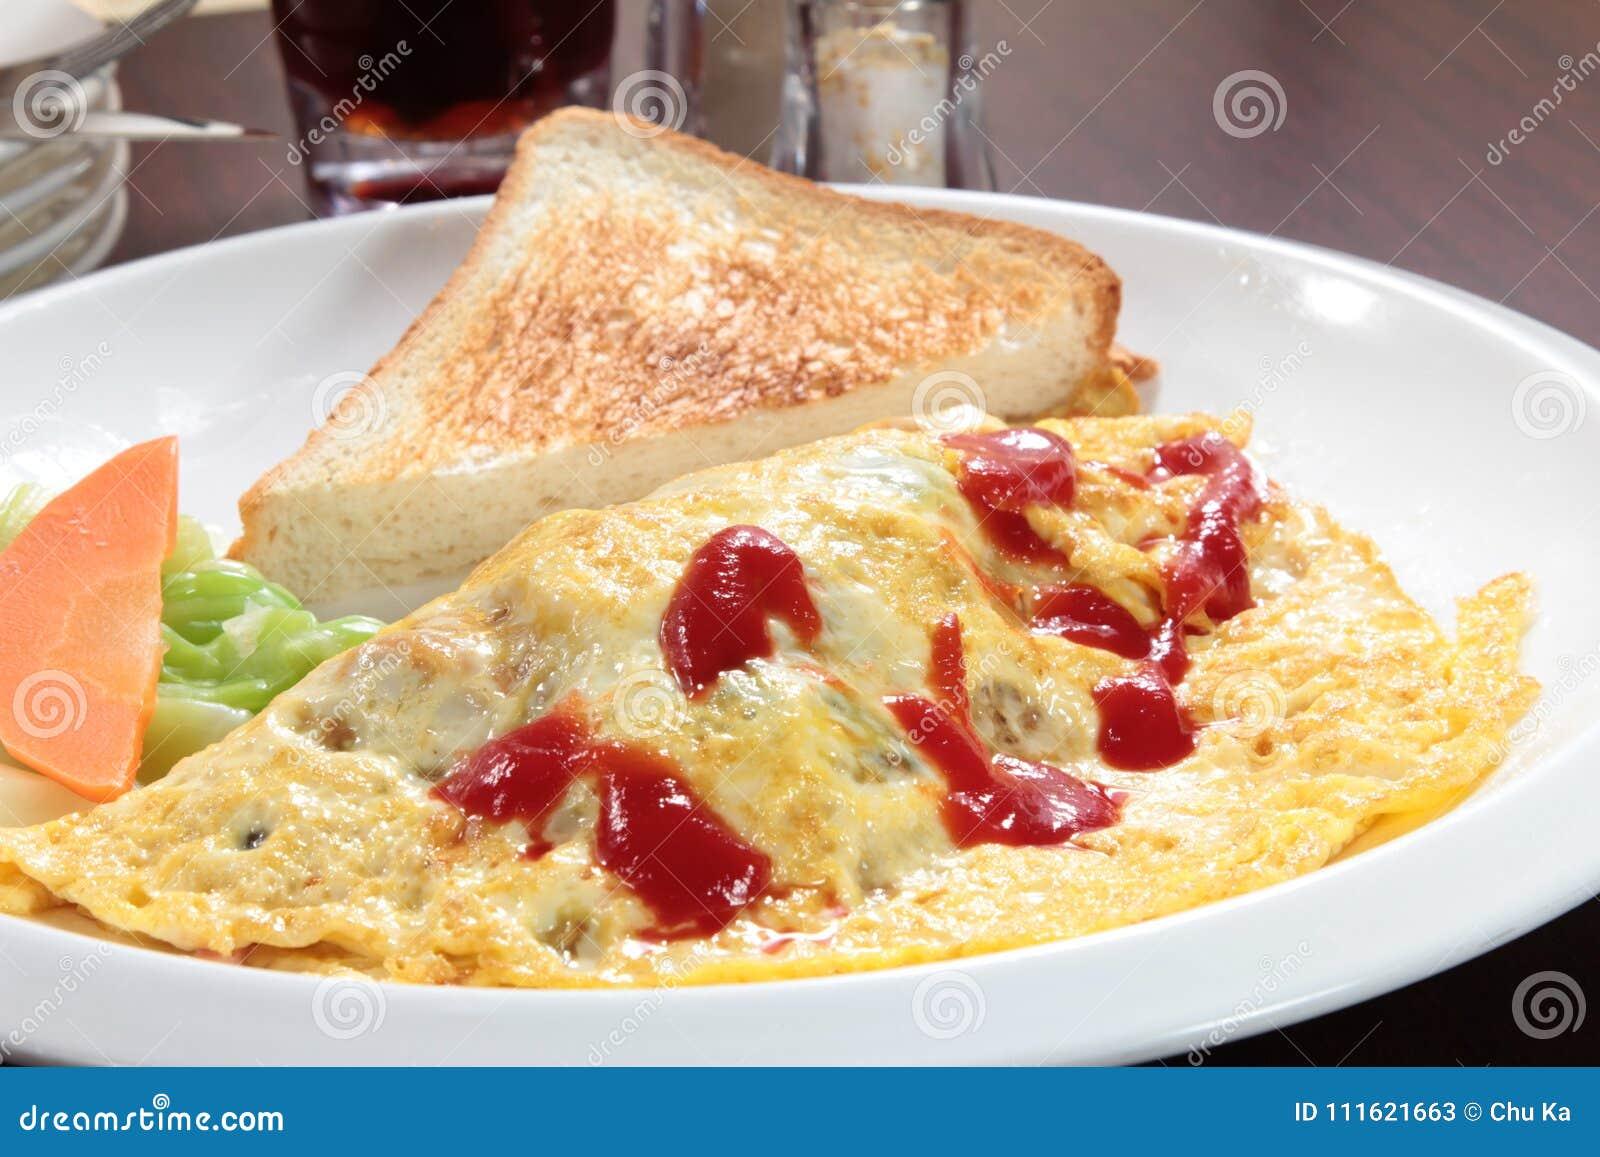 Nytt och smakligt förvanskat ägg eller omelett